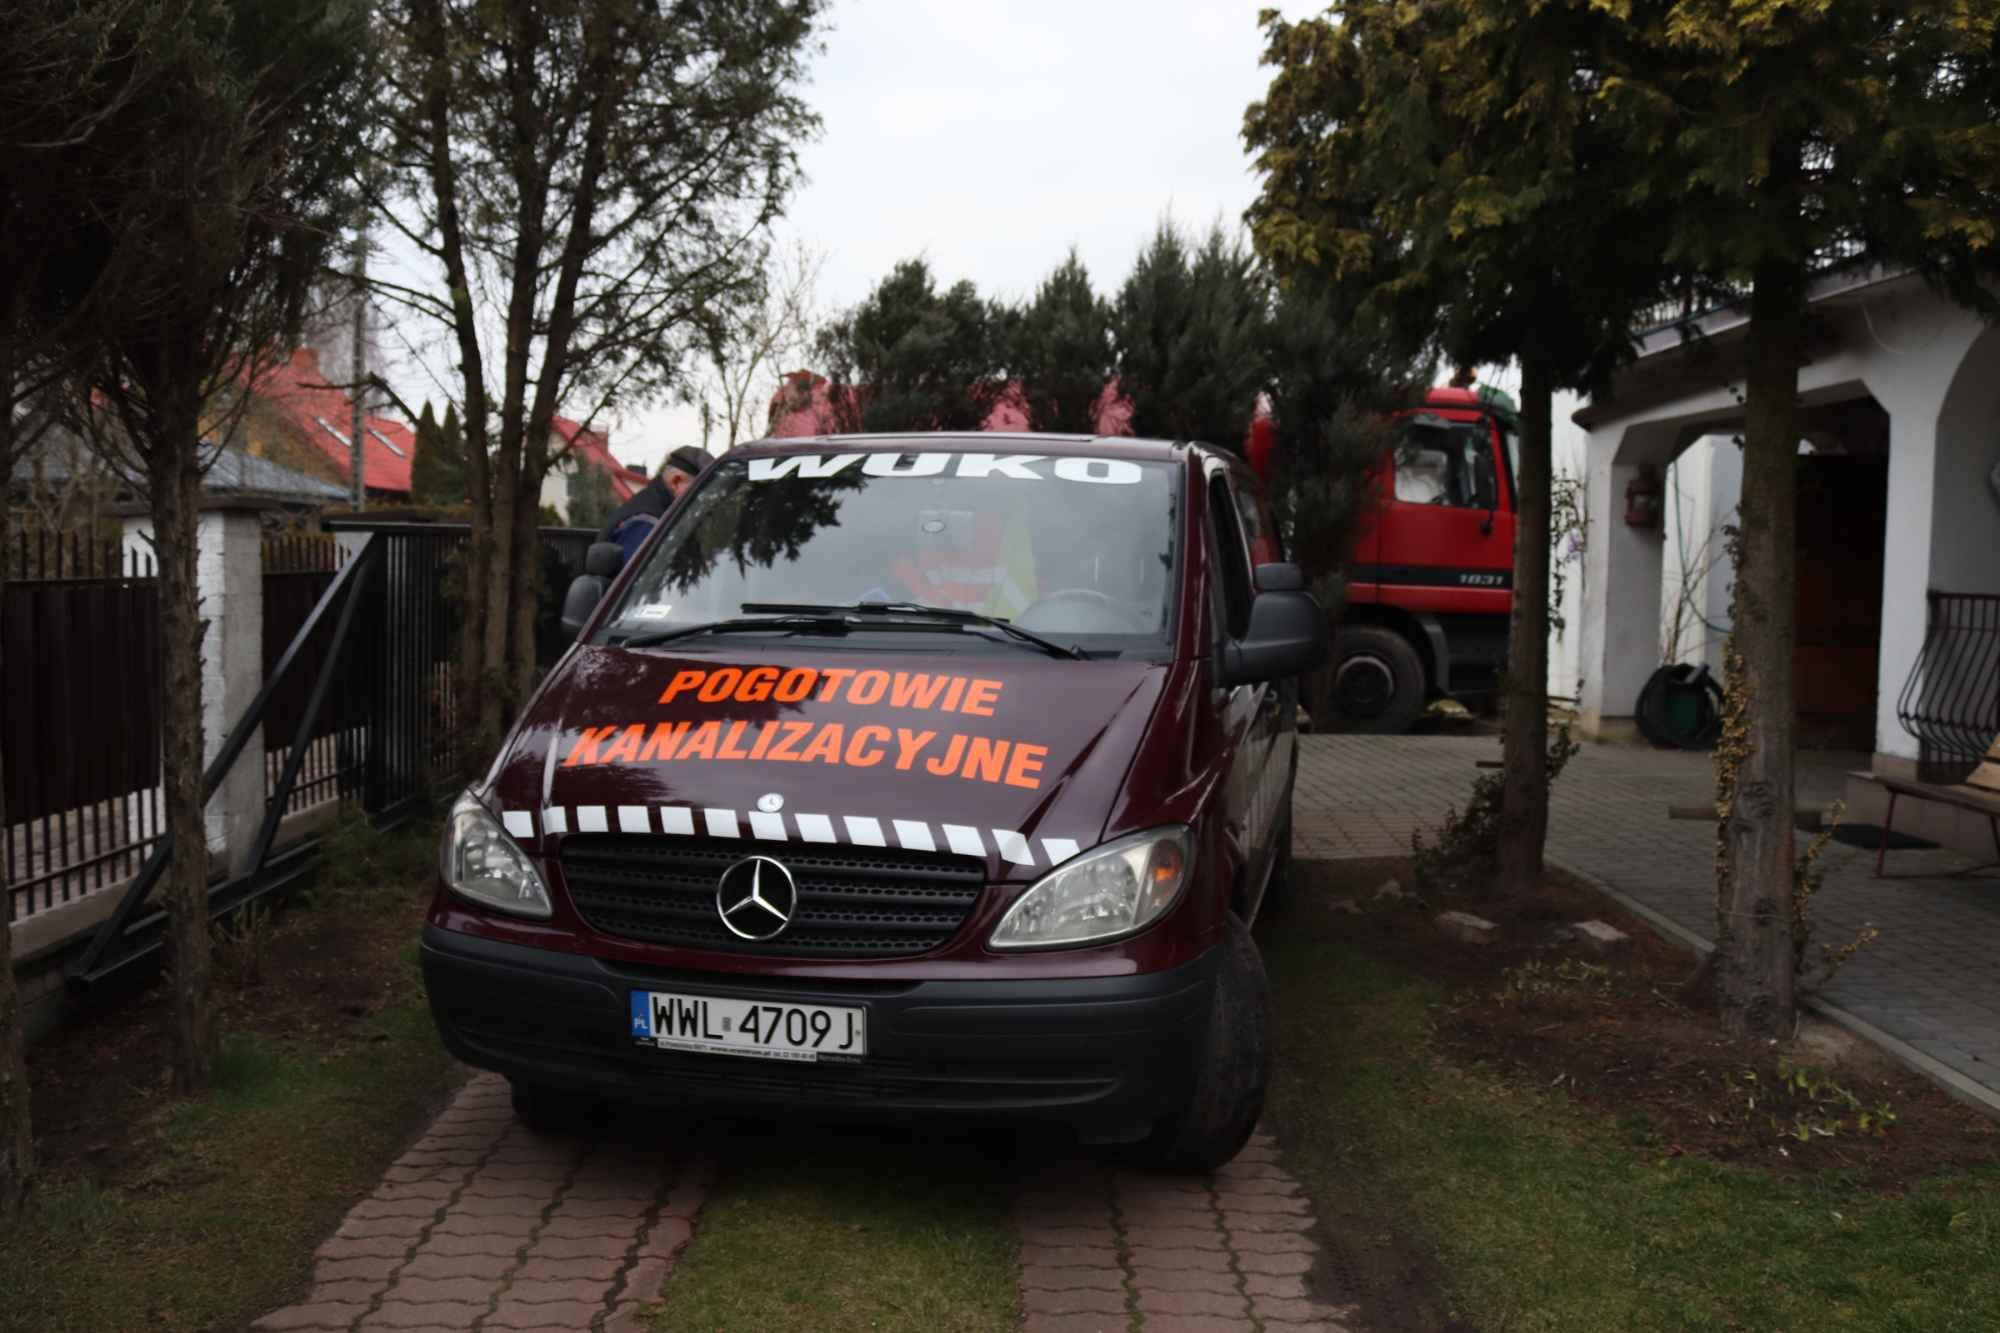 przepychanie rur, Wuko Pogotowie kanalizacyjne monitoring kamerą tv Wołomin - zdjęcie 1